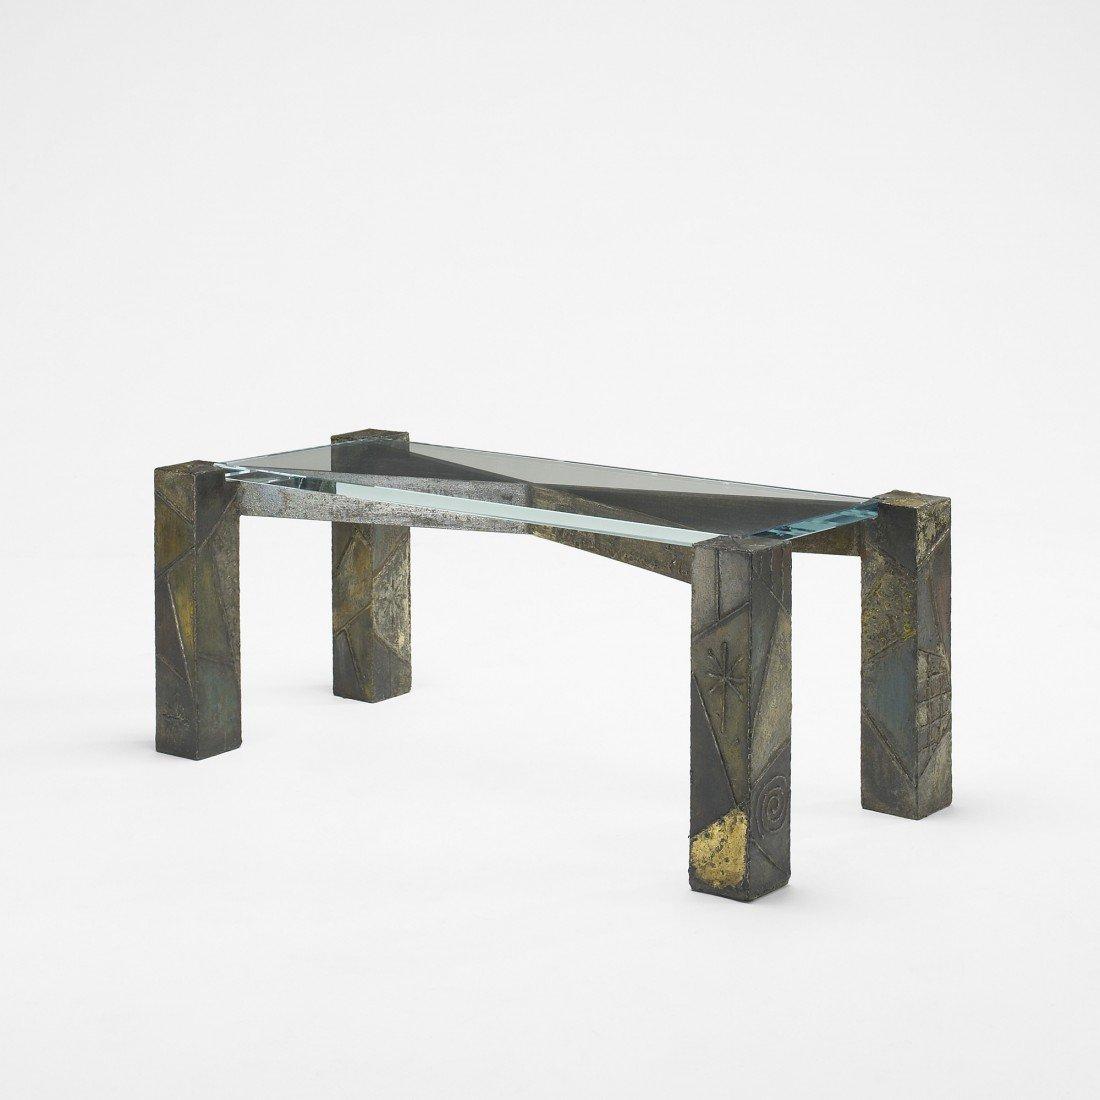 100: Paul Evans coffee table